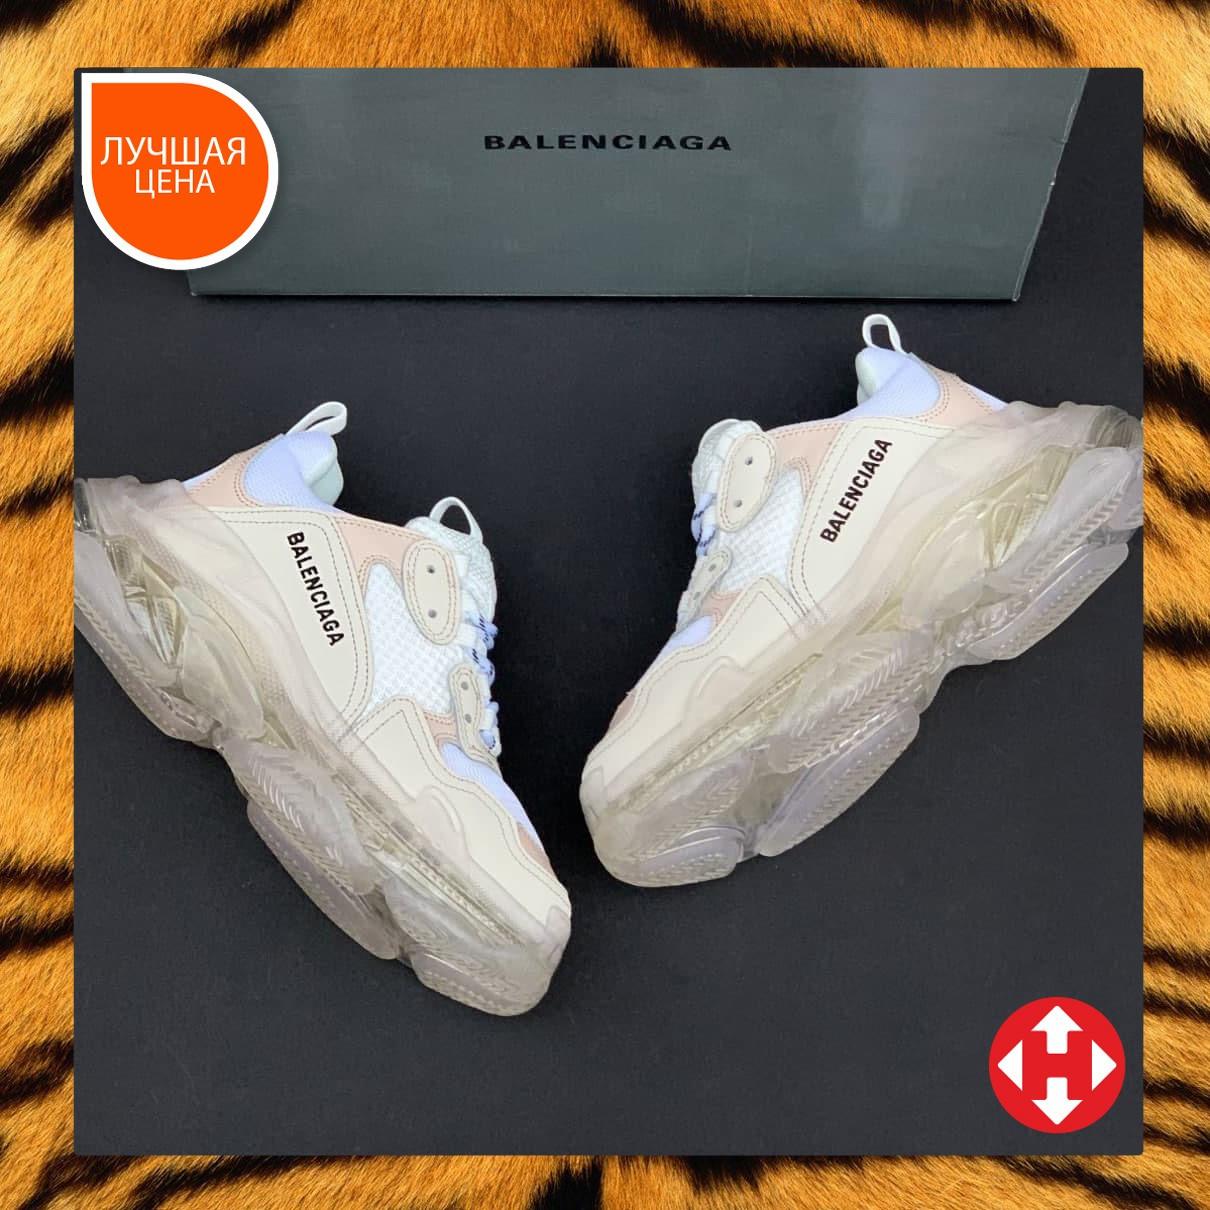 🔥 Кроссовки женские Balenciaga Triple S Баленсиага Трипл с белые повседневные прозрачная подошва легкие